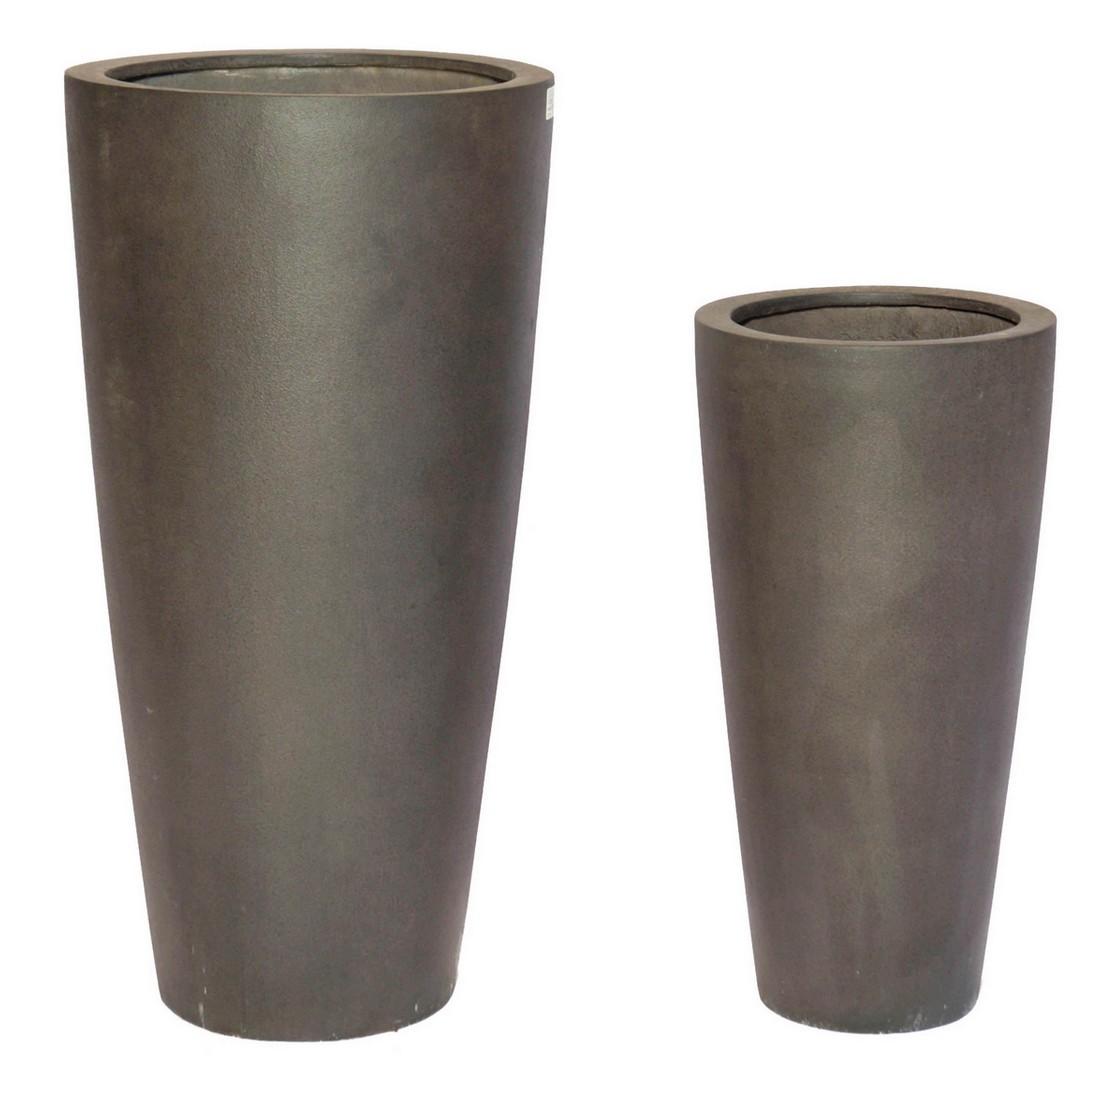 Pflanzkübel Espresso – Kunststoff – Classic Rund – Höhe: 60 cm Ø: 30 cm (einzeln), Viducci's Garden bestellen